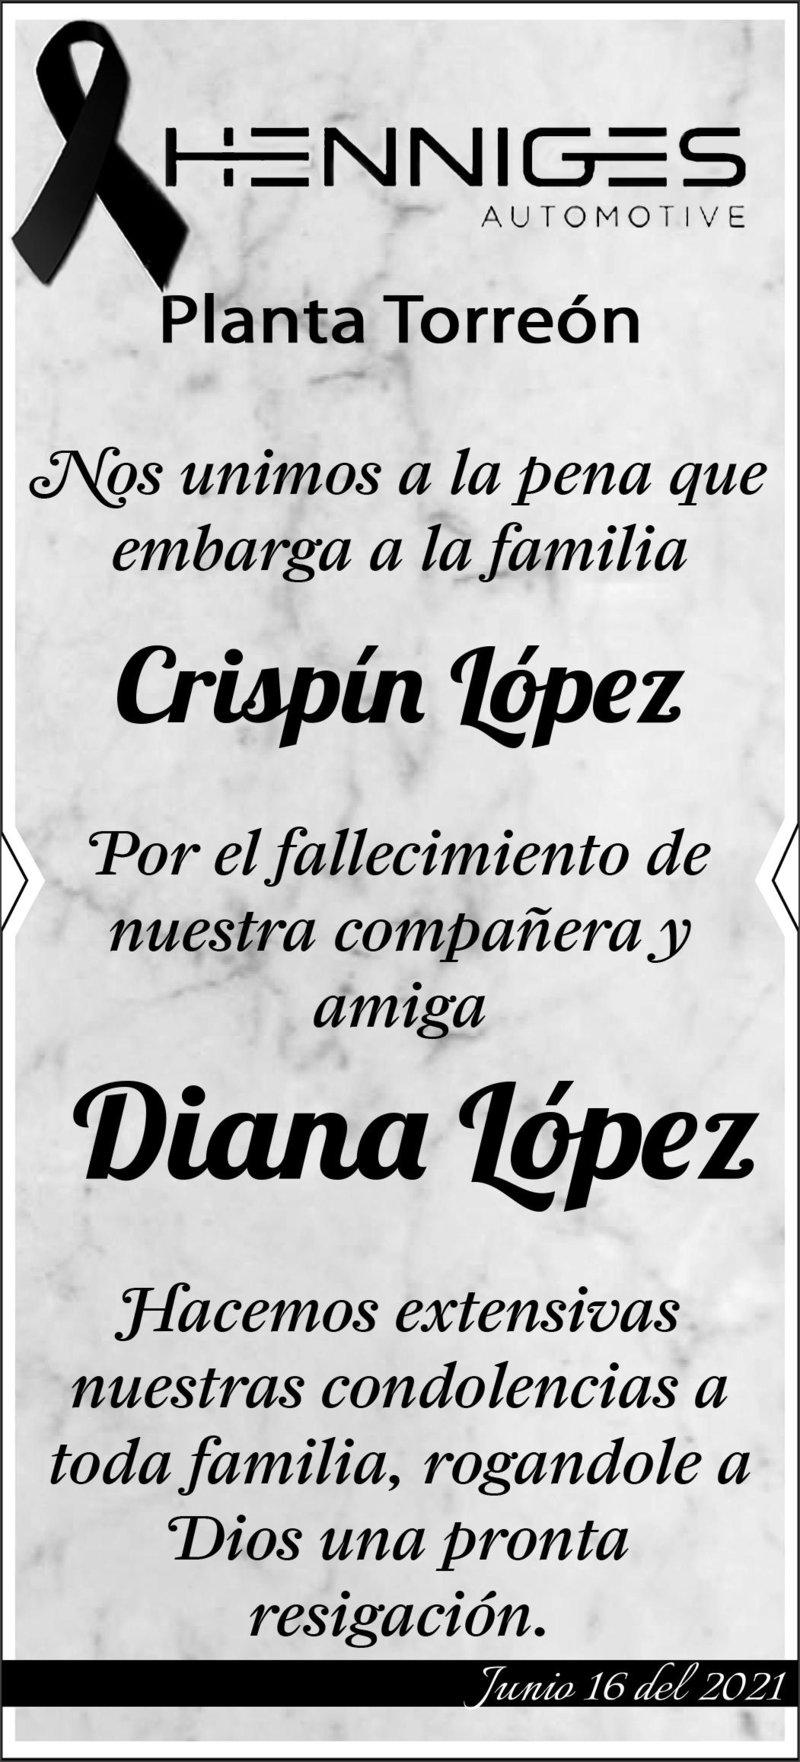 CONDOLENCIA: DIANA LÓPEZ. Henniges Automative Planta Torreón, se une a la pena de la Familia Crispín López por el fallecimiento de Diana López. Eterno descanso de su alma.